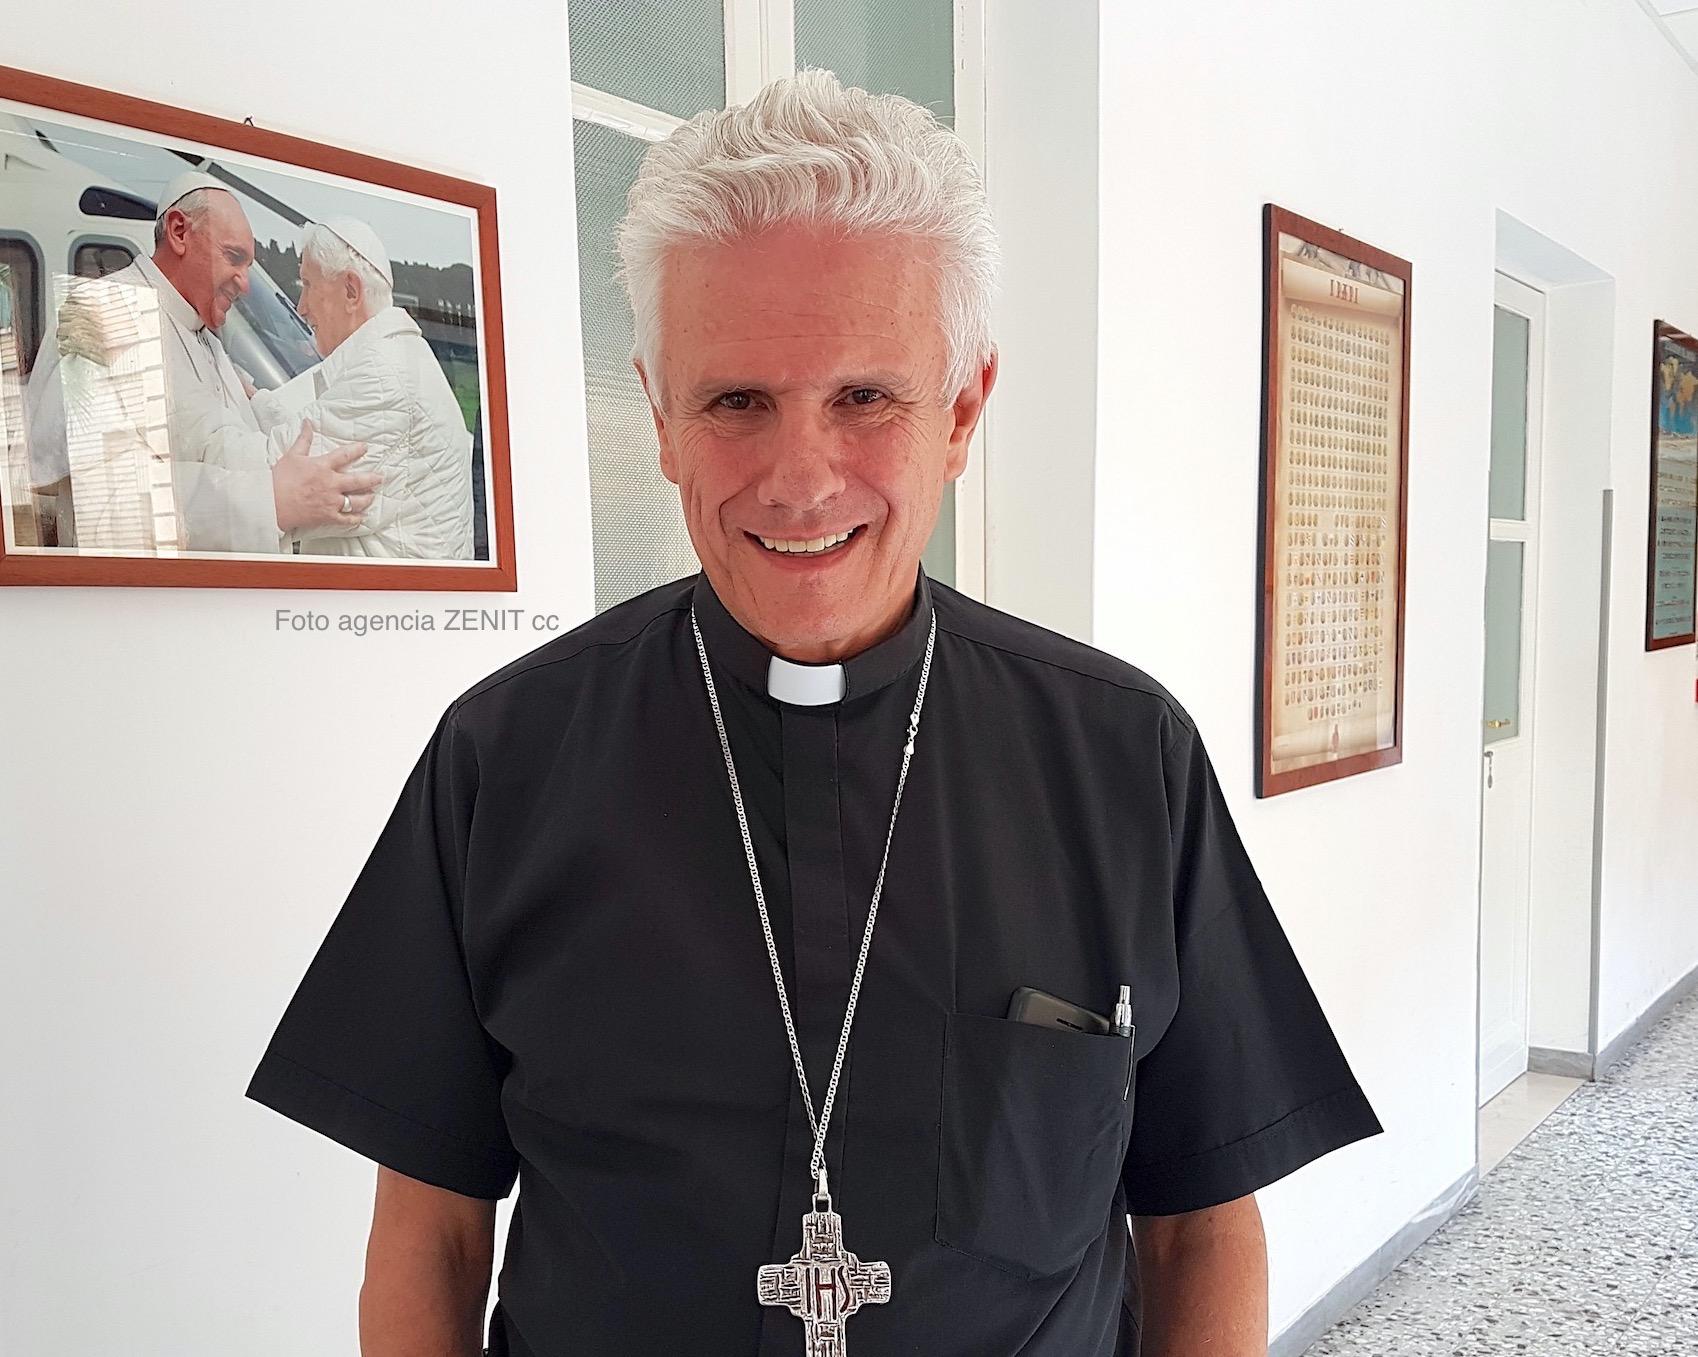 Gonzalo de Villa presidente de la Conferencia Episcopal de Guatemala (Foto ZENIT, libre uso citando la fuente)